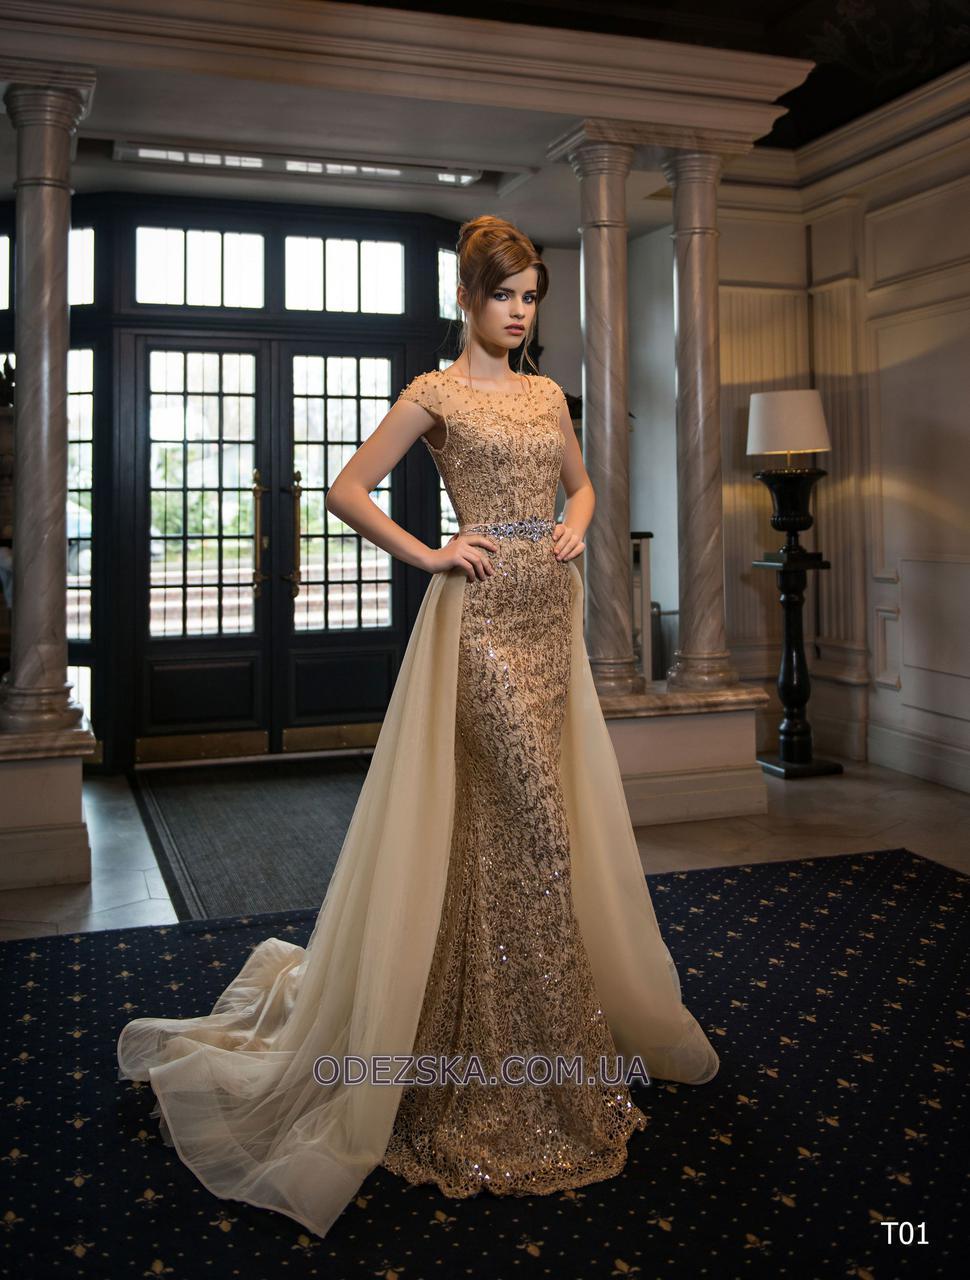 Удивительное силуэтное вечернее платье